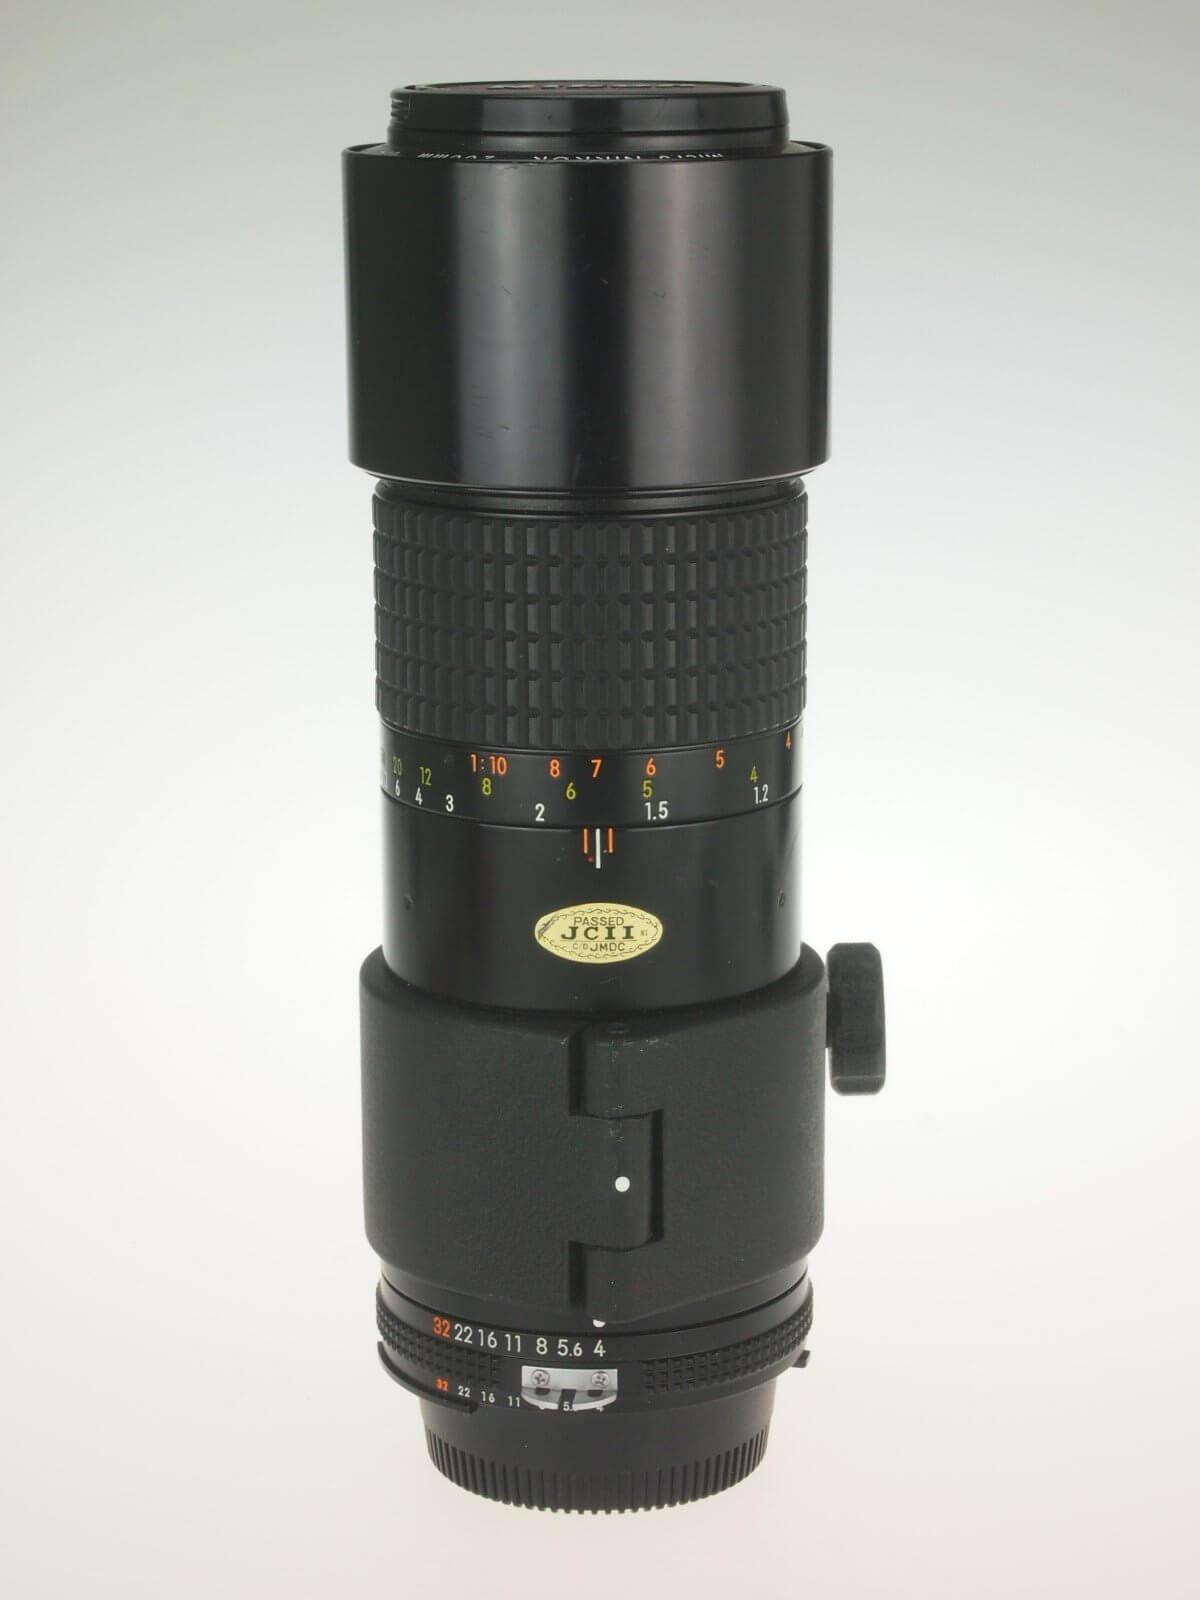 Nikon 200 f4 Micro-Nikkor, AIS mount, almost mint!